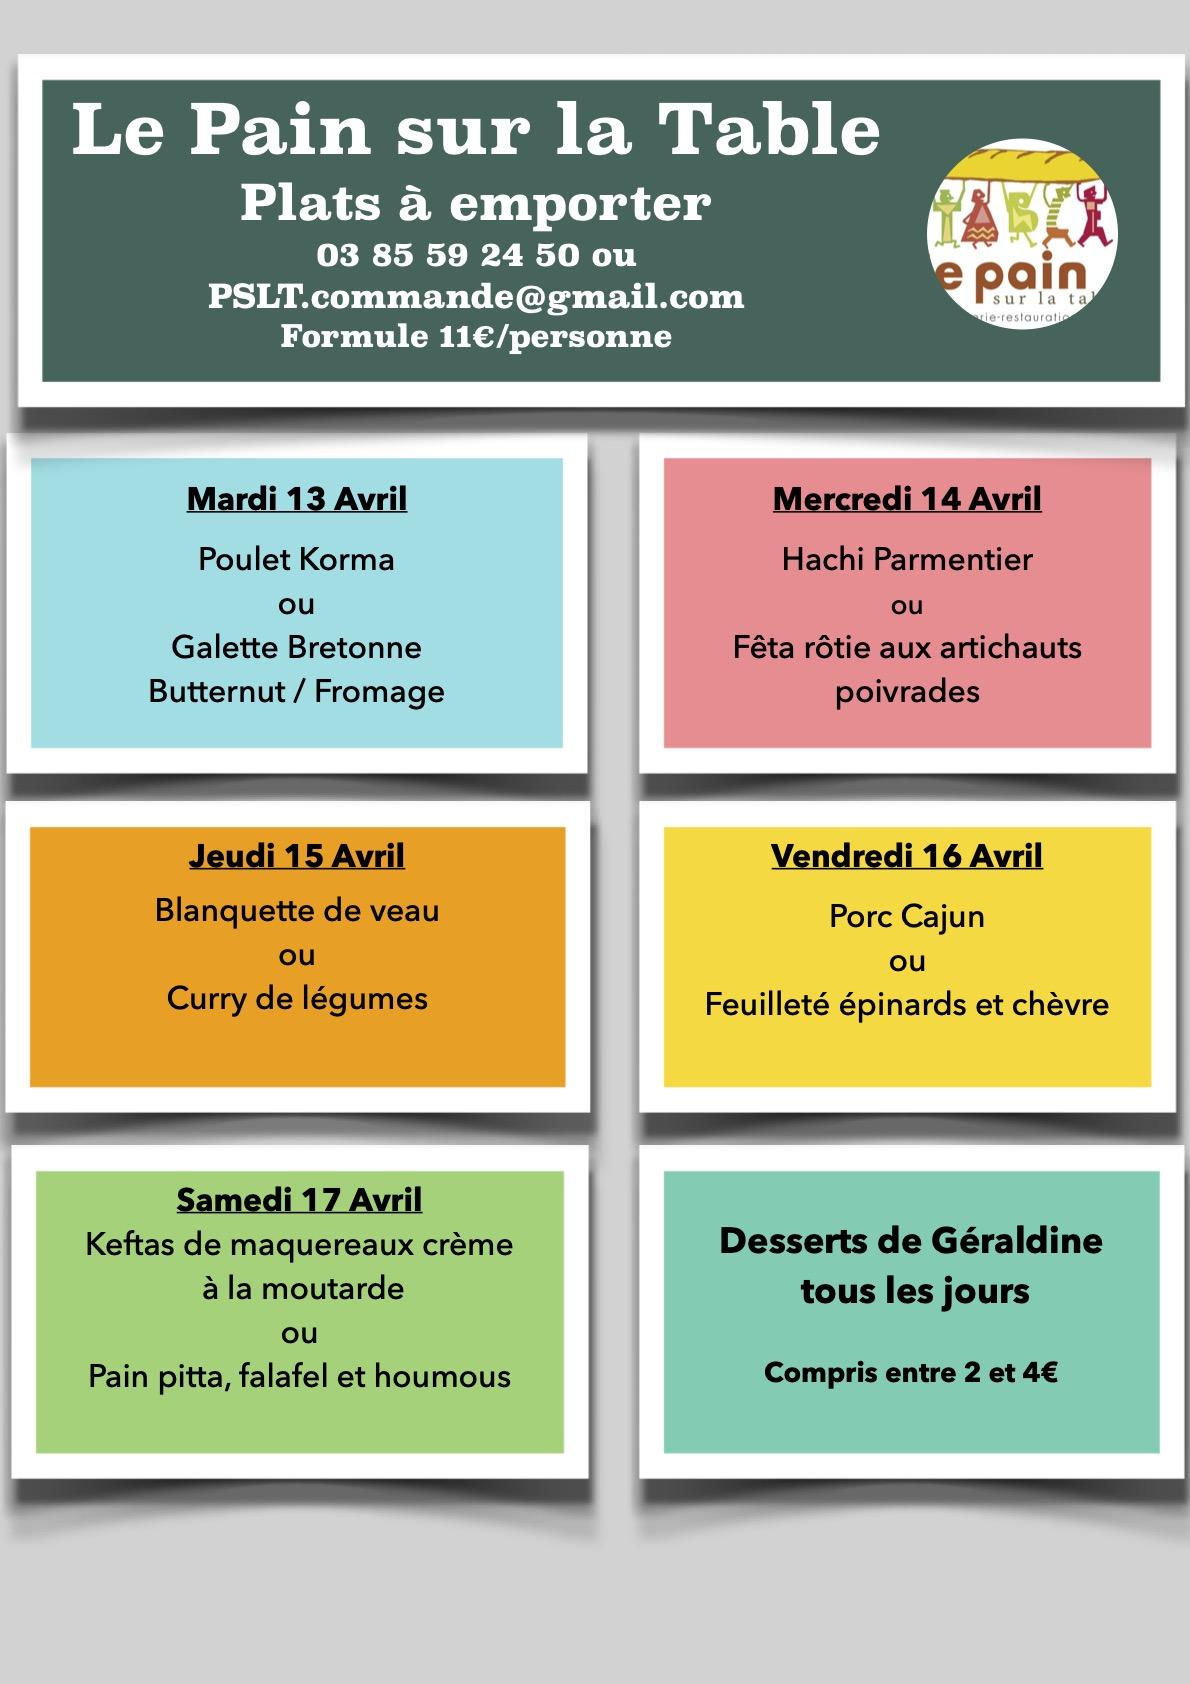 Les Menus de la semaine du 13 au 17 Avril 2021